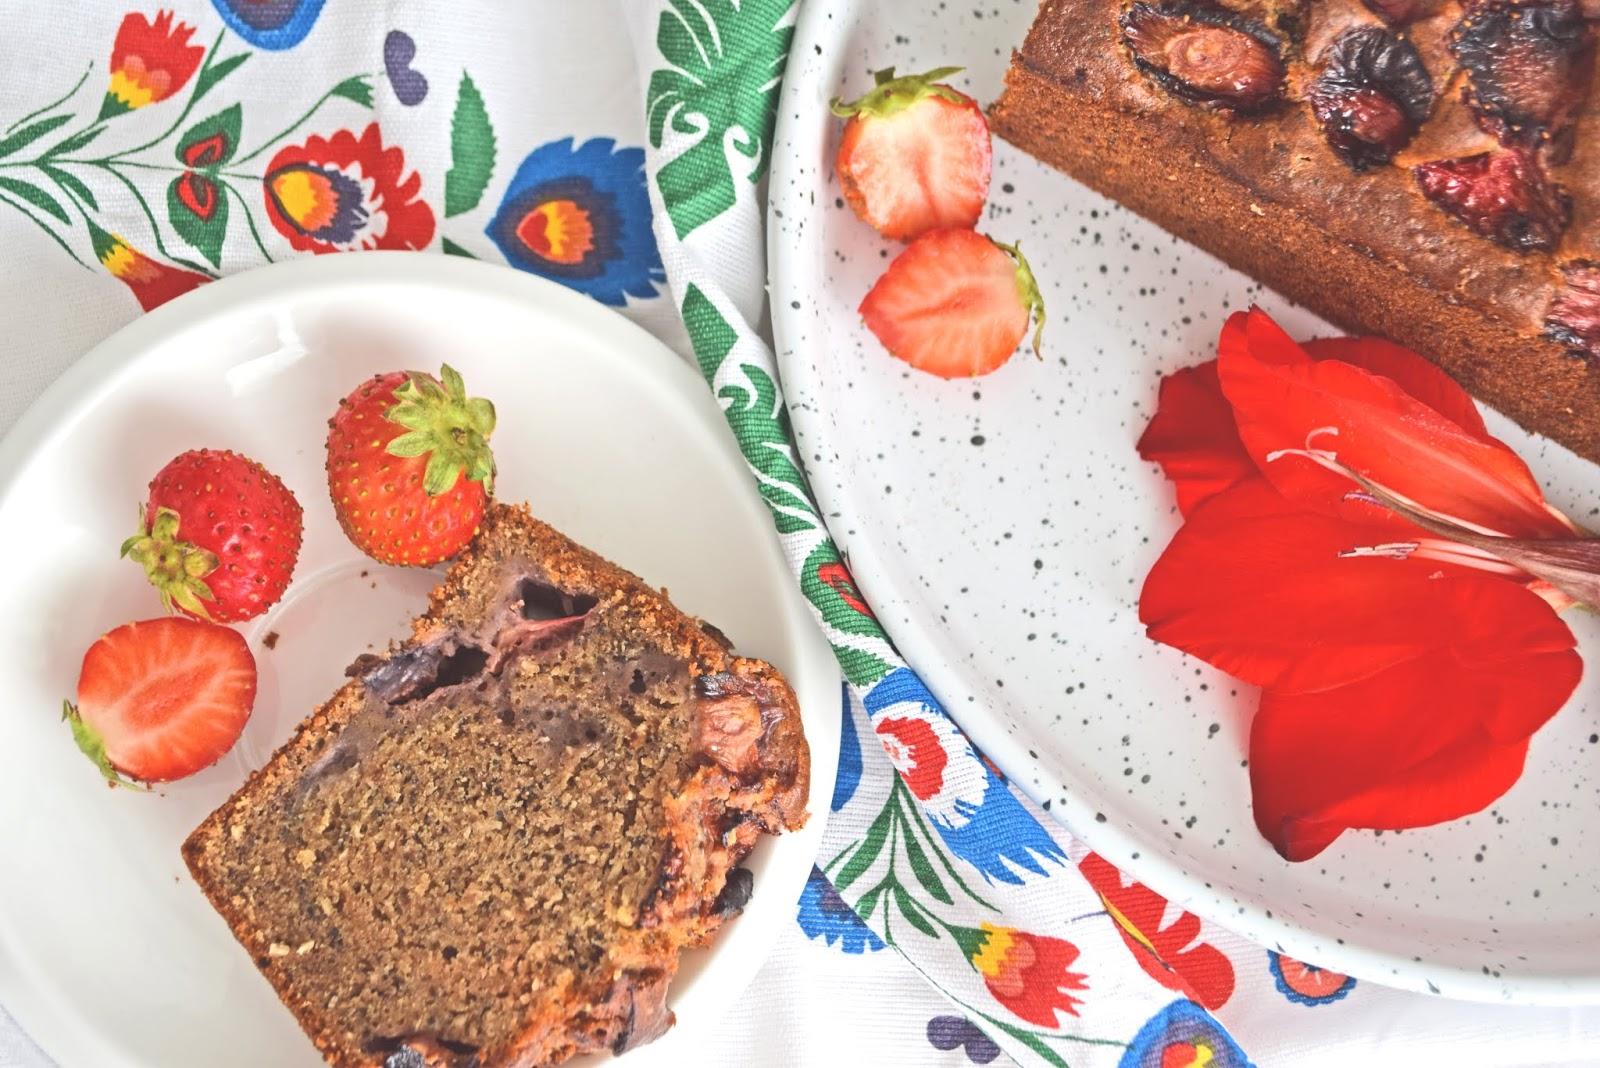 Wegańskie bezglutenowe ciasto z truskawkami